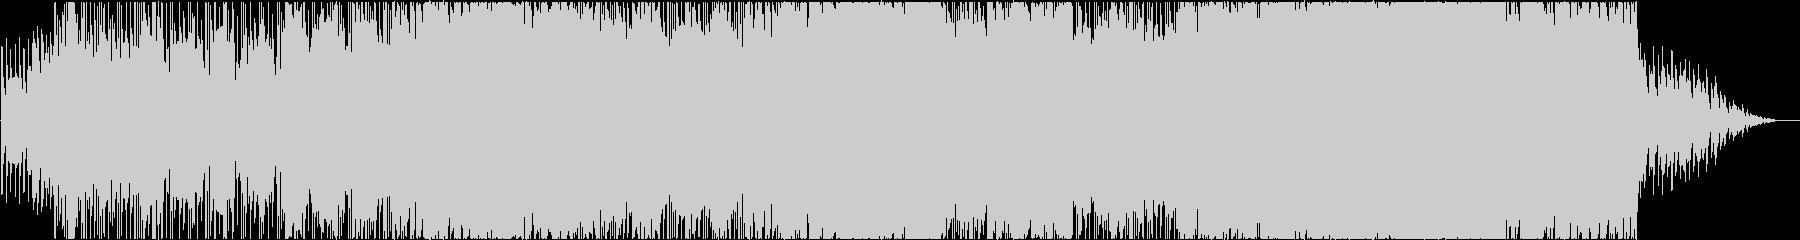 ピアノリフが切ないミドルテンポのバラードの未再生の波形